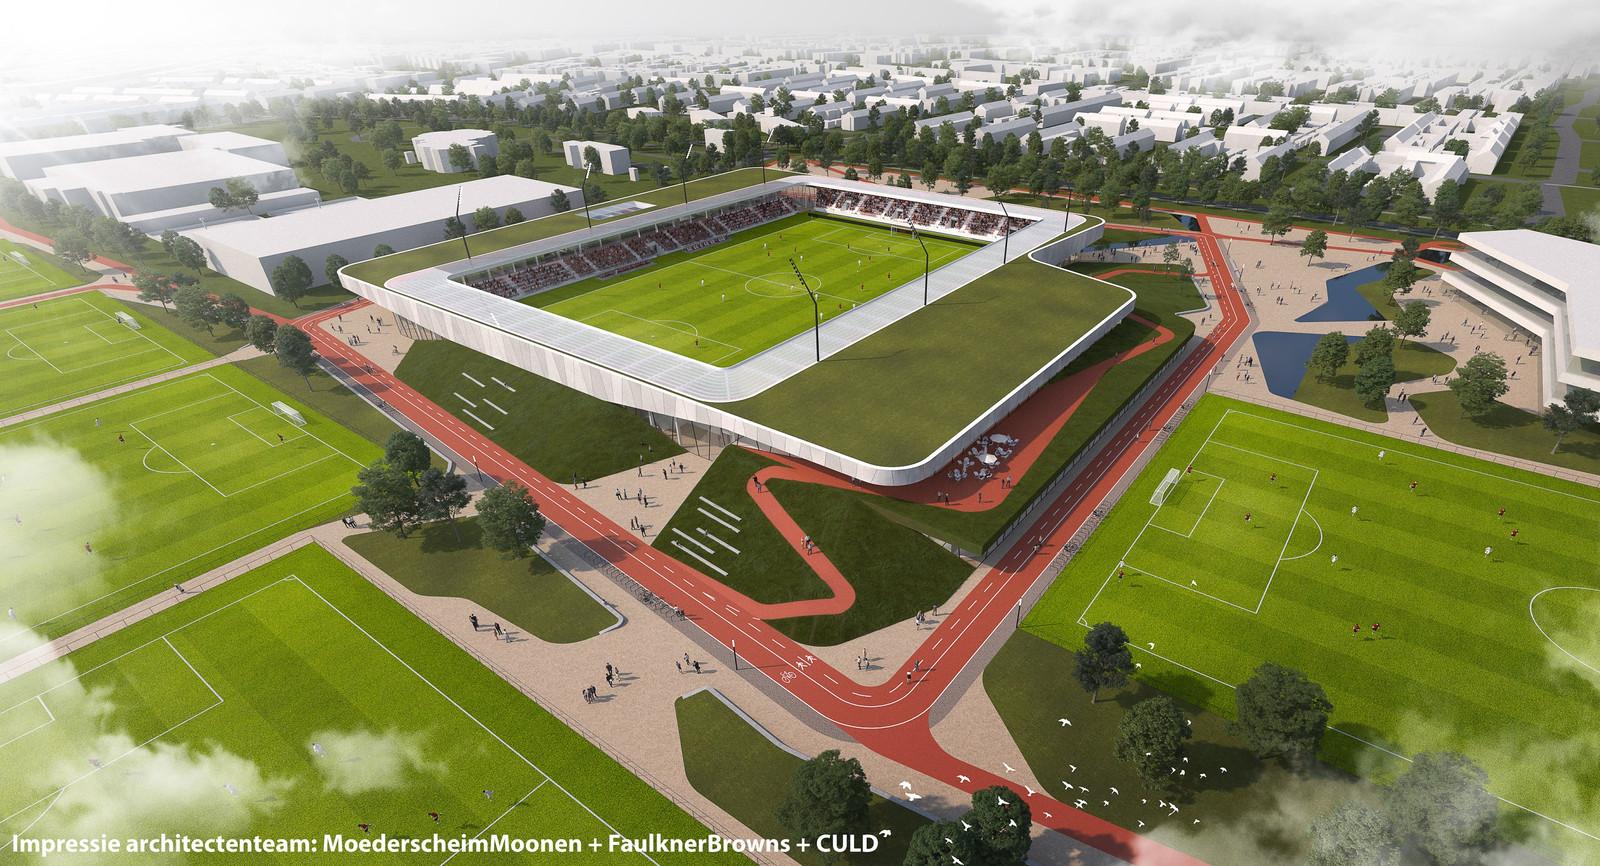 Impressie van de toekomstige Sport- en Beleefcampus De Braak in Helmond.